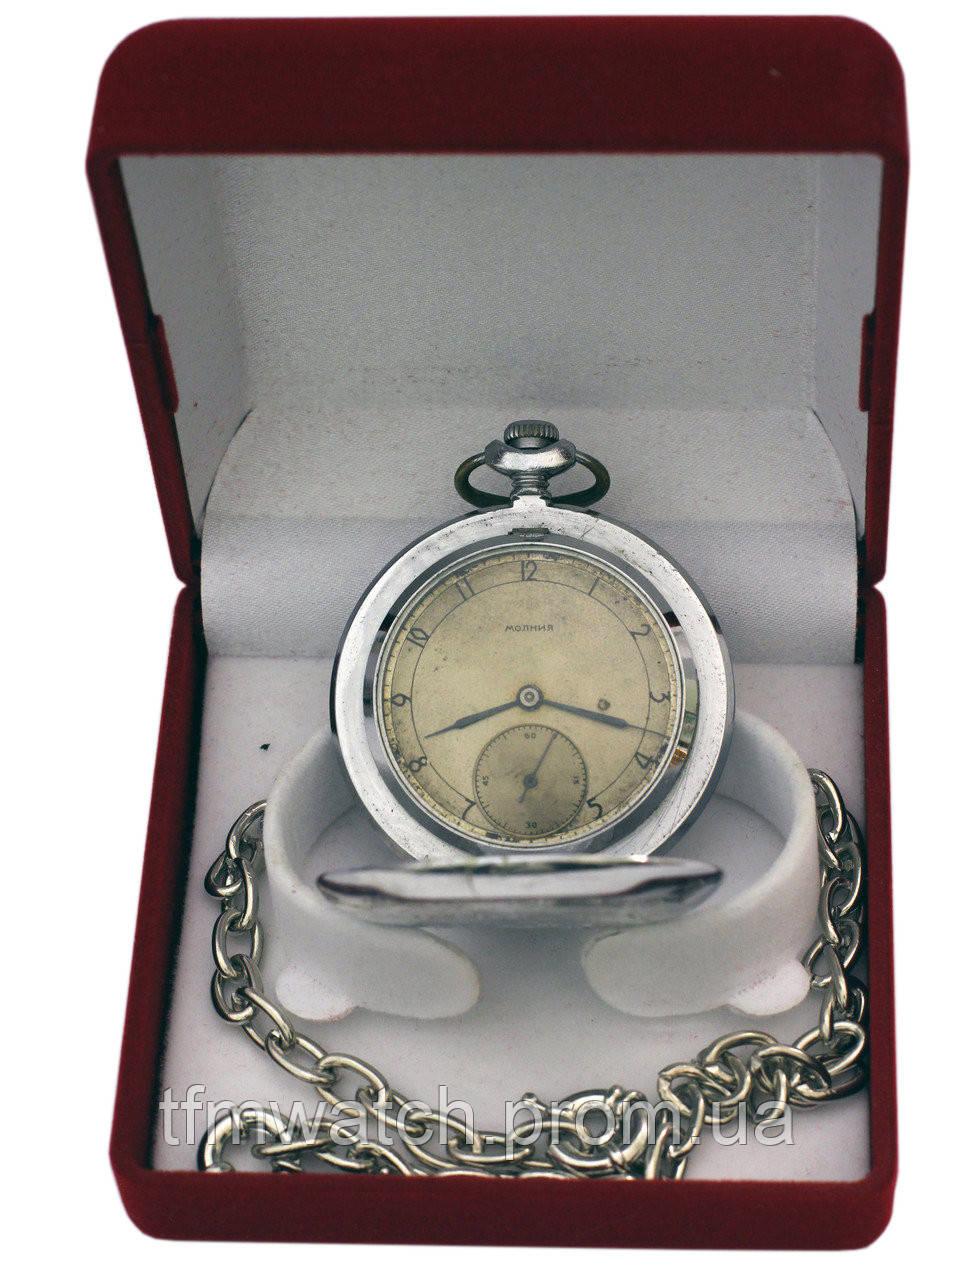 Молния карманные часы для охотника, фото 1